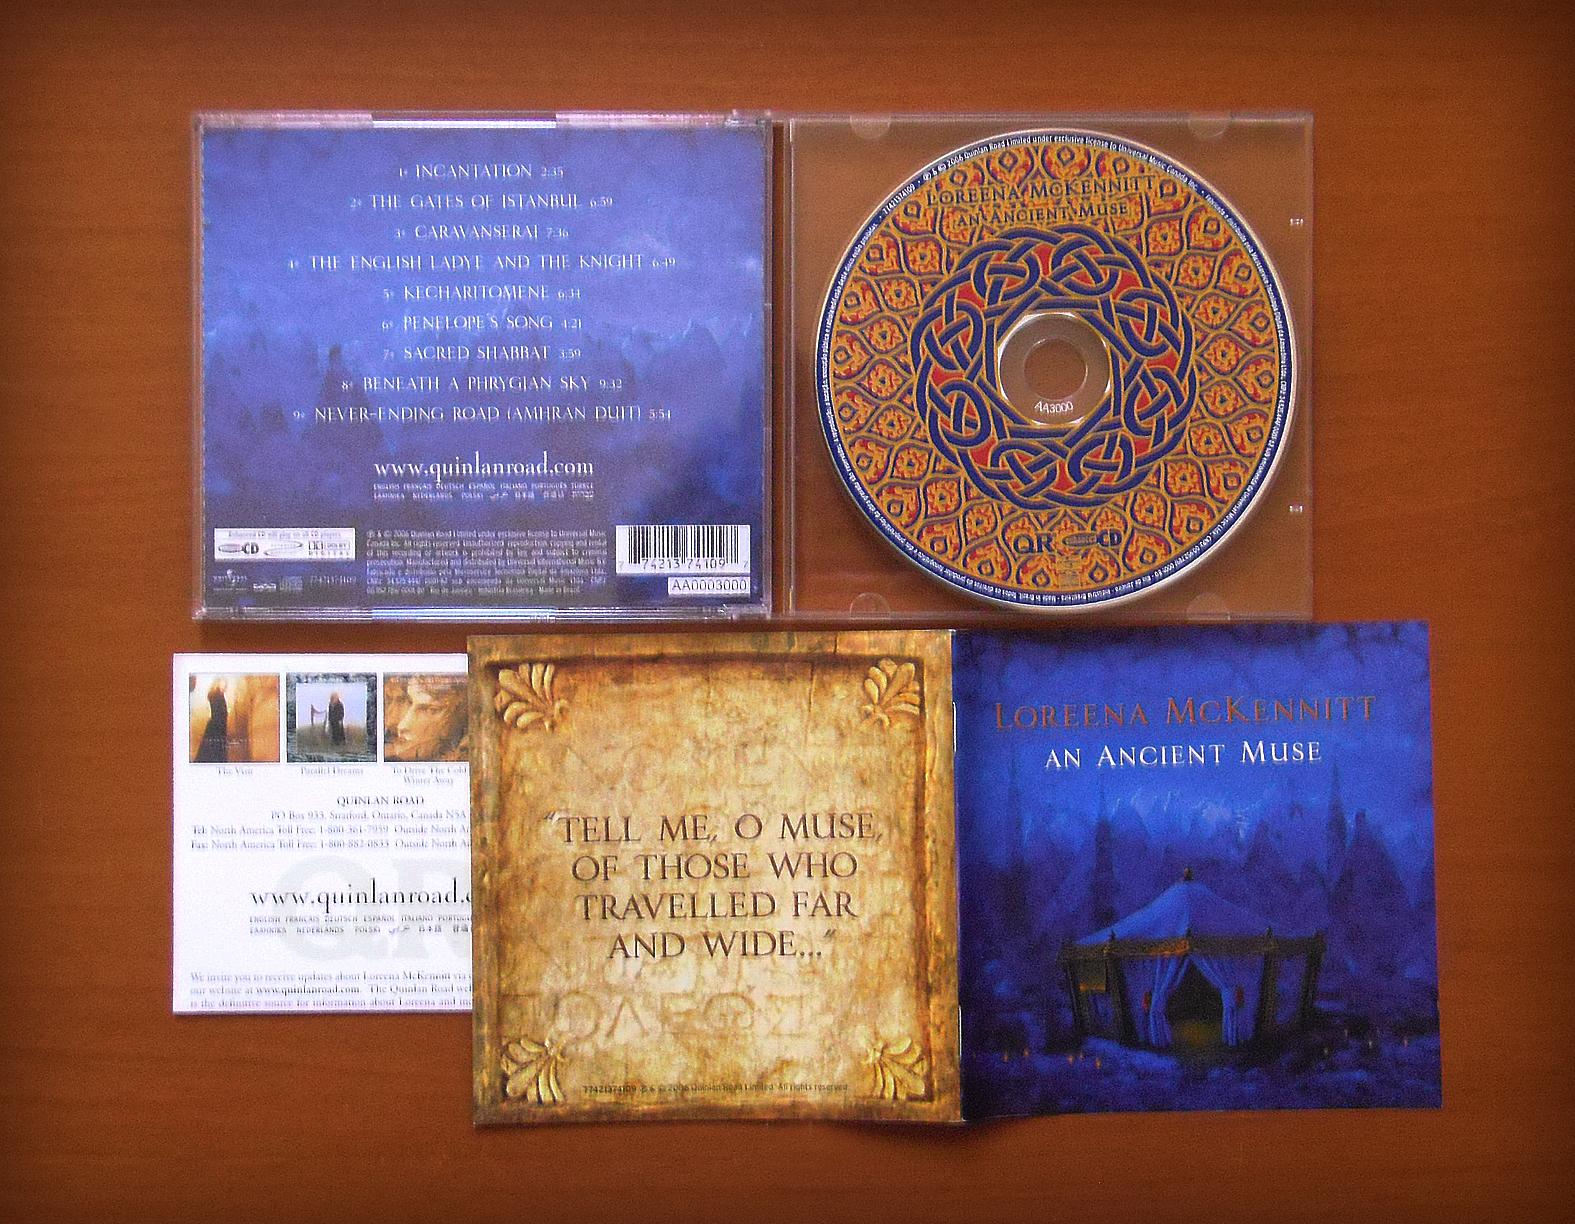 loreena mckennitt collection 2006 an ancient muse